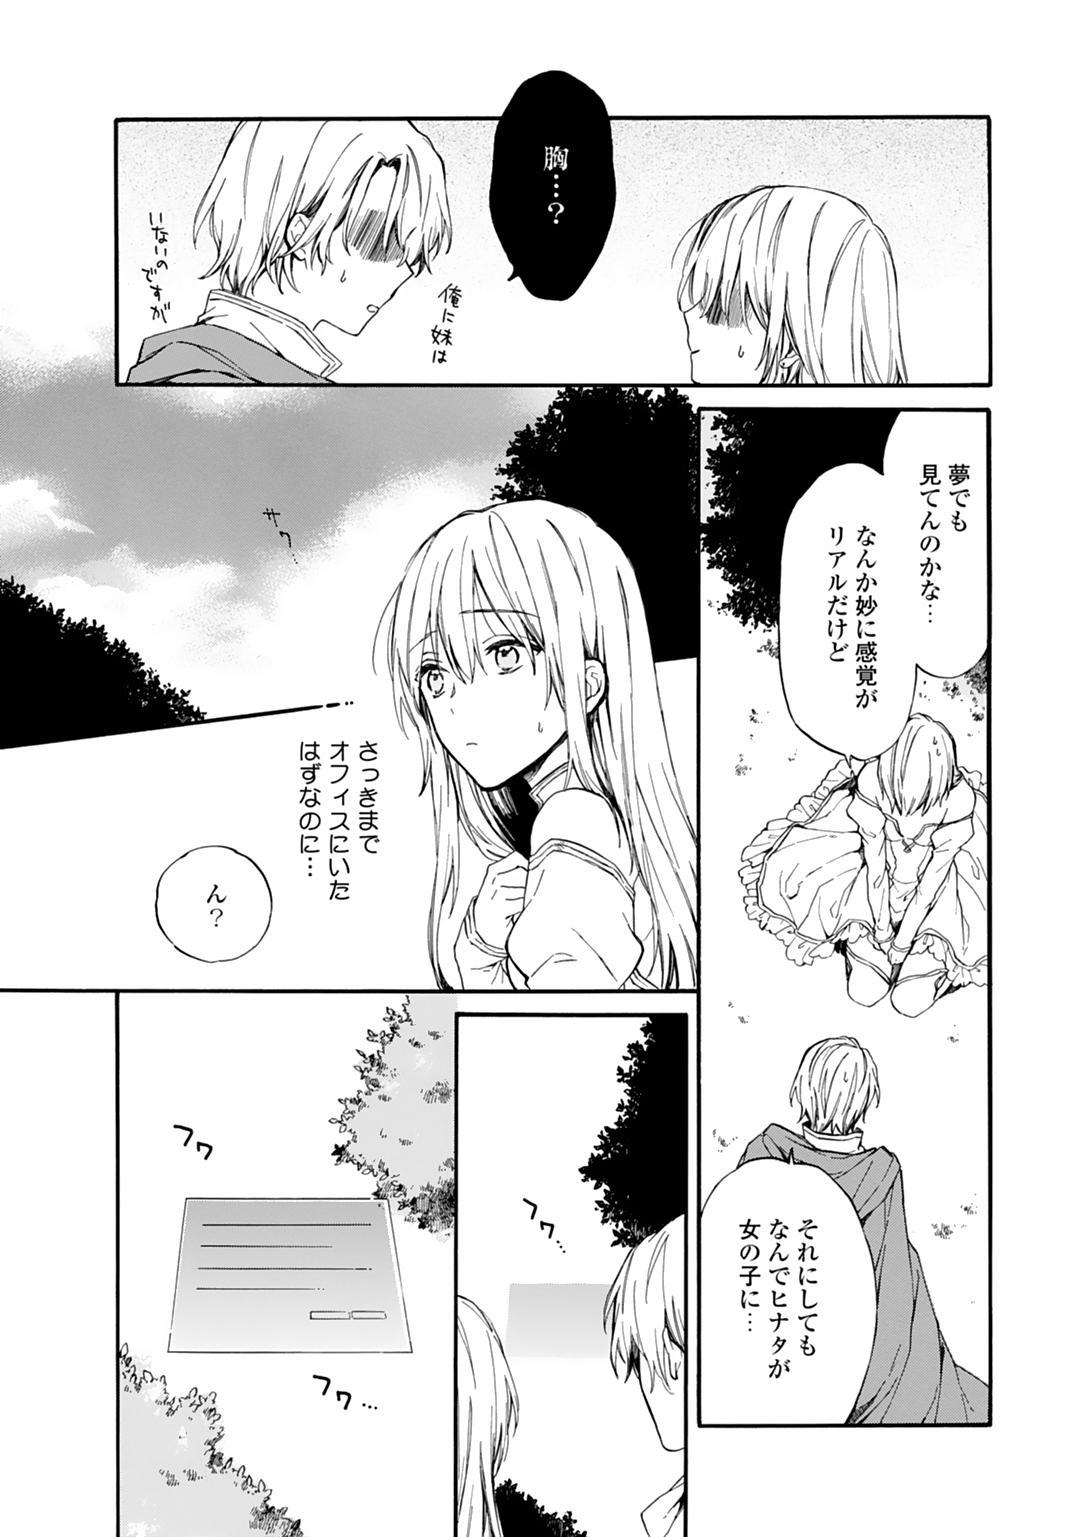 [Suzushiro Nerita] Otomege (18-kin) de Nyotaika shita Ore wa ~Clear Jouken wa Dekiai Ecchi!?~ 1-2 11